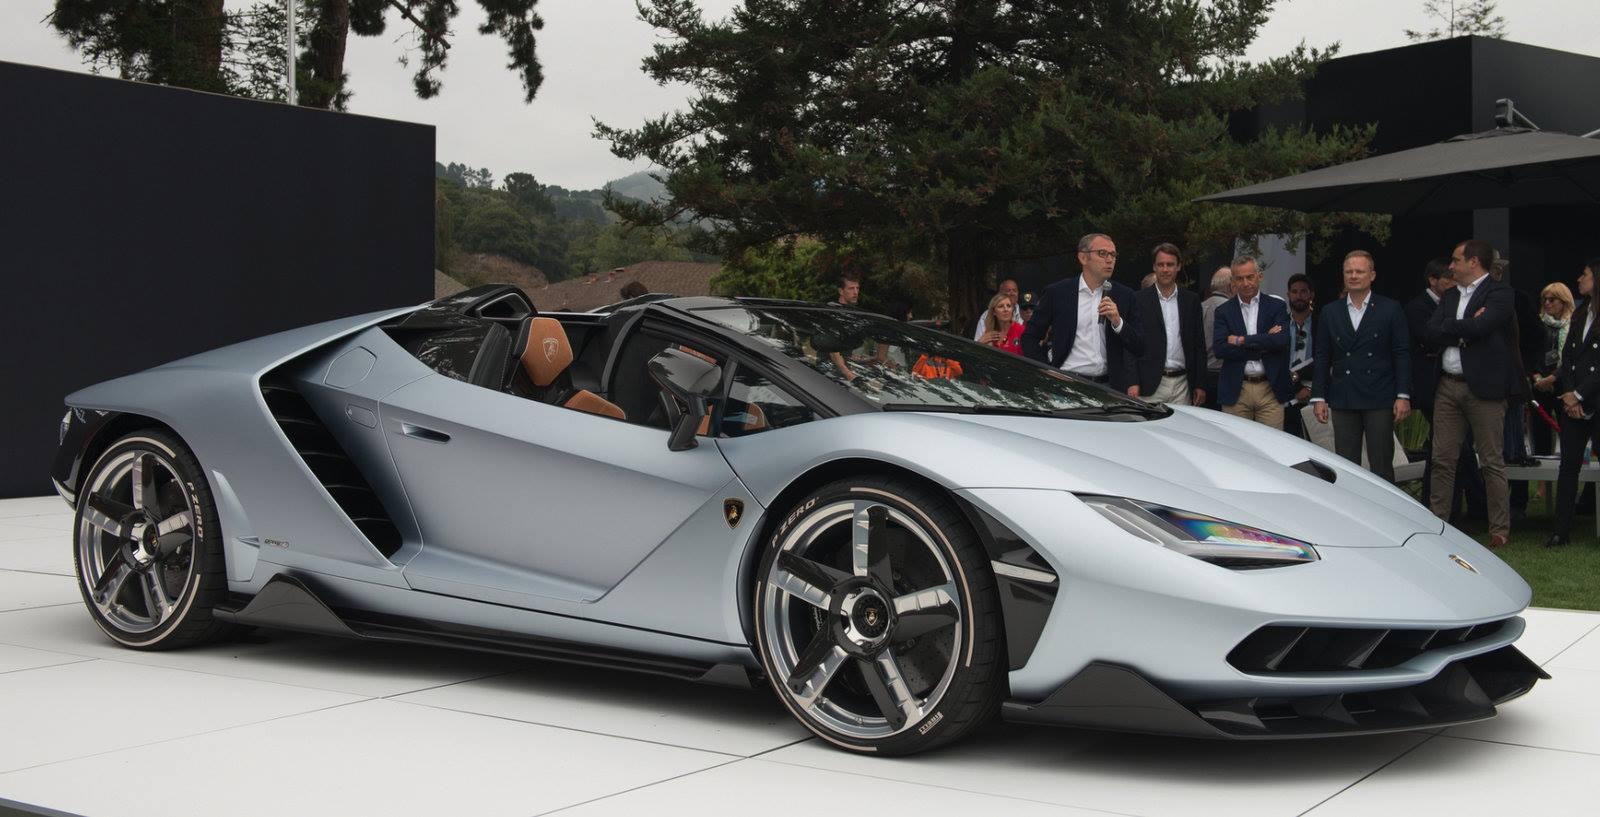 Monterey Car Week 2016: Lamborghini Centenario Roadster